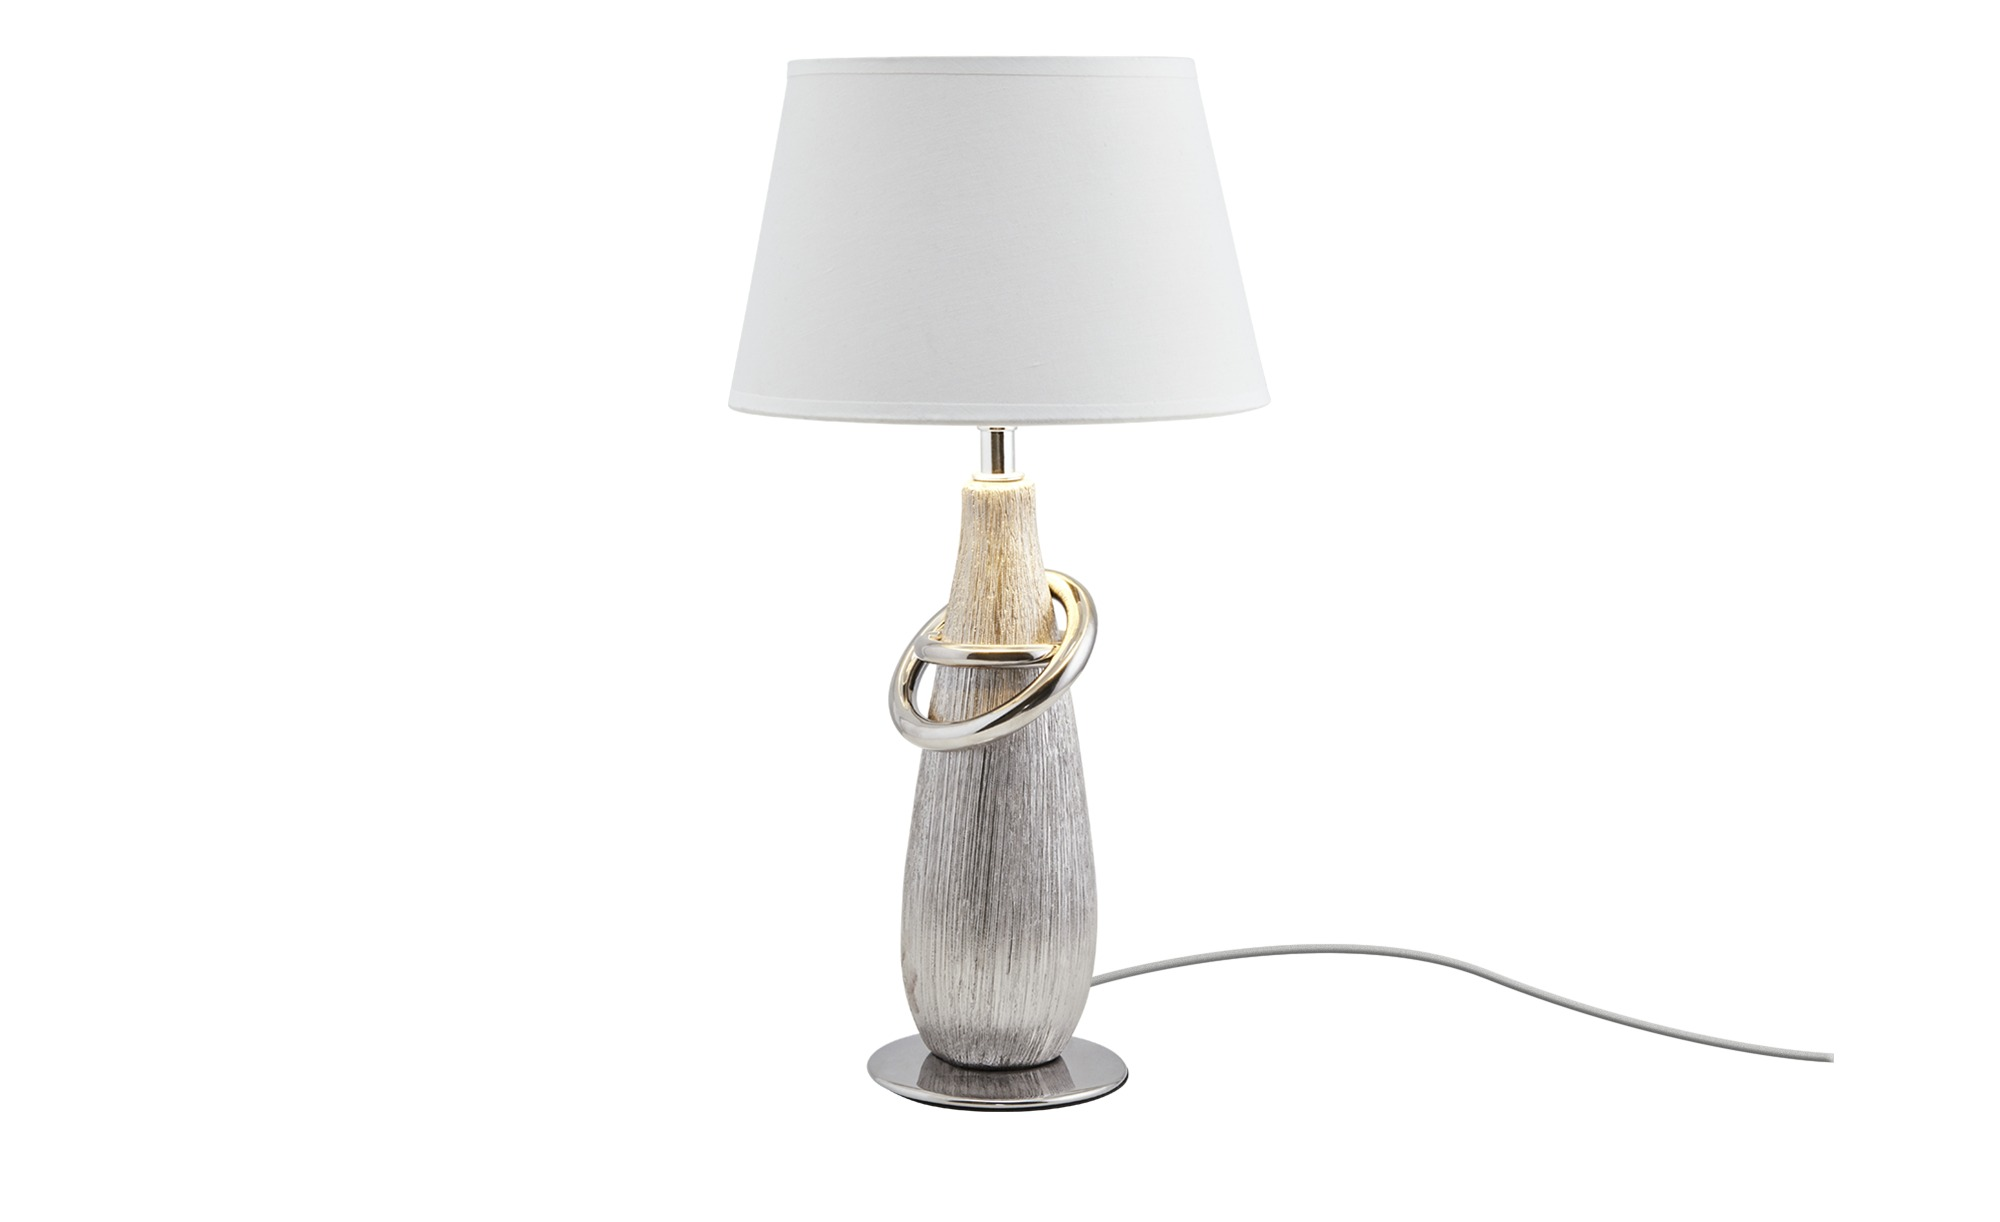 Tischleuchte silberfarben ¦ silber ¦ Maße (cm): H: 38 Ø: 20 Lampen & Leuchten > Innenleuchten > Tischlampen - Höffner